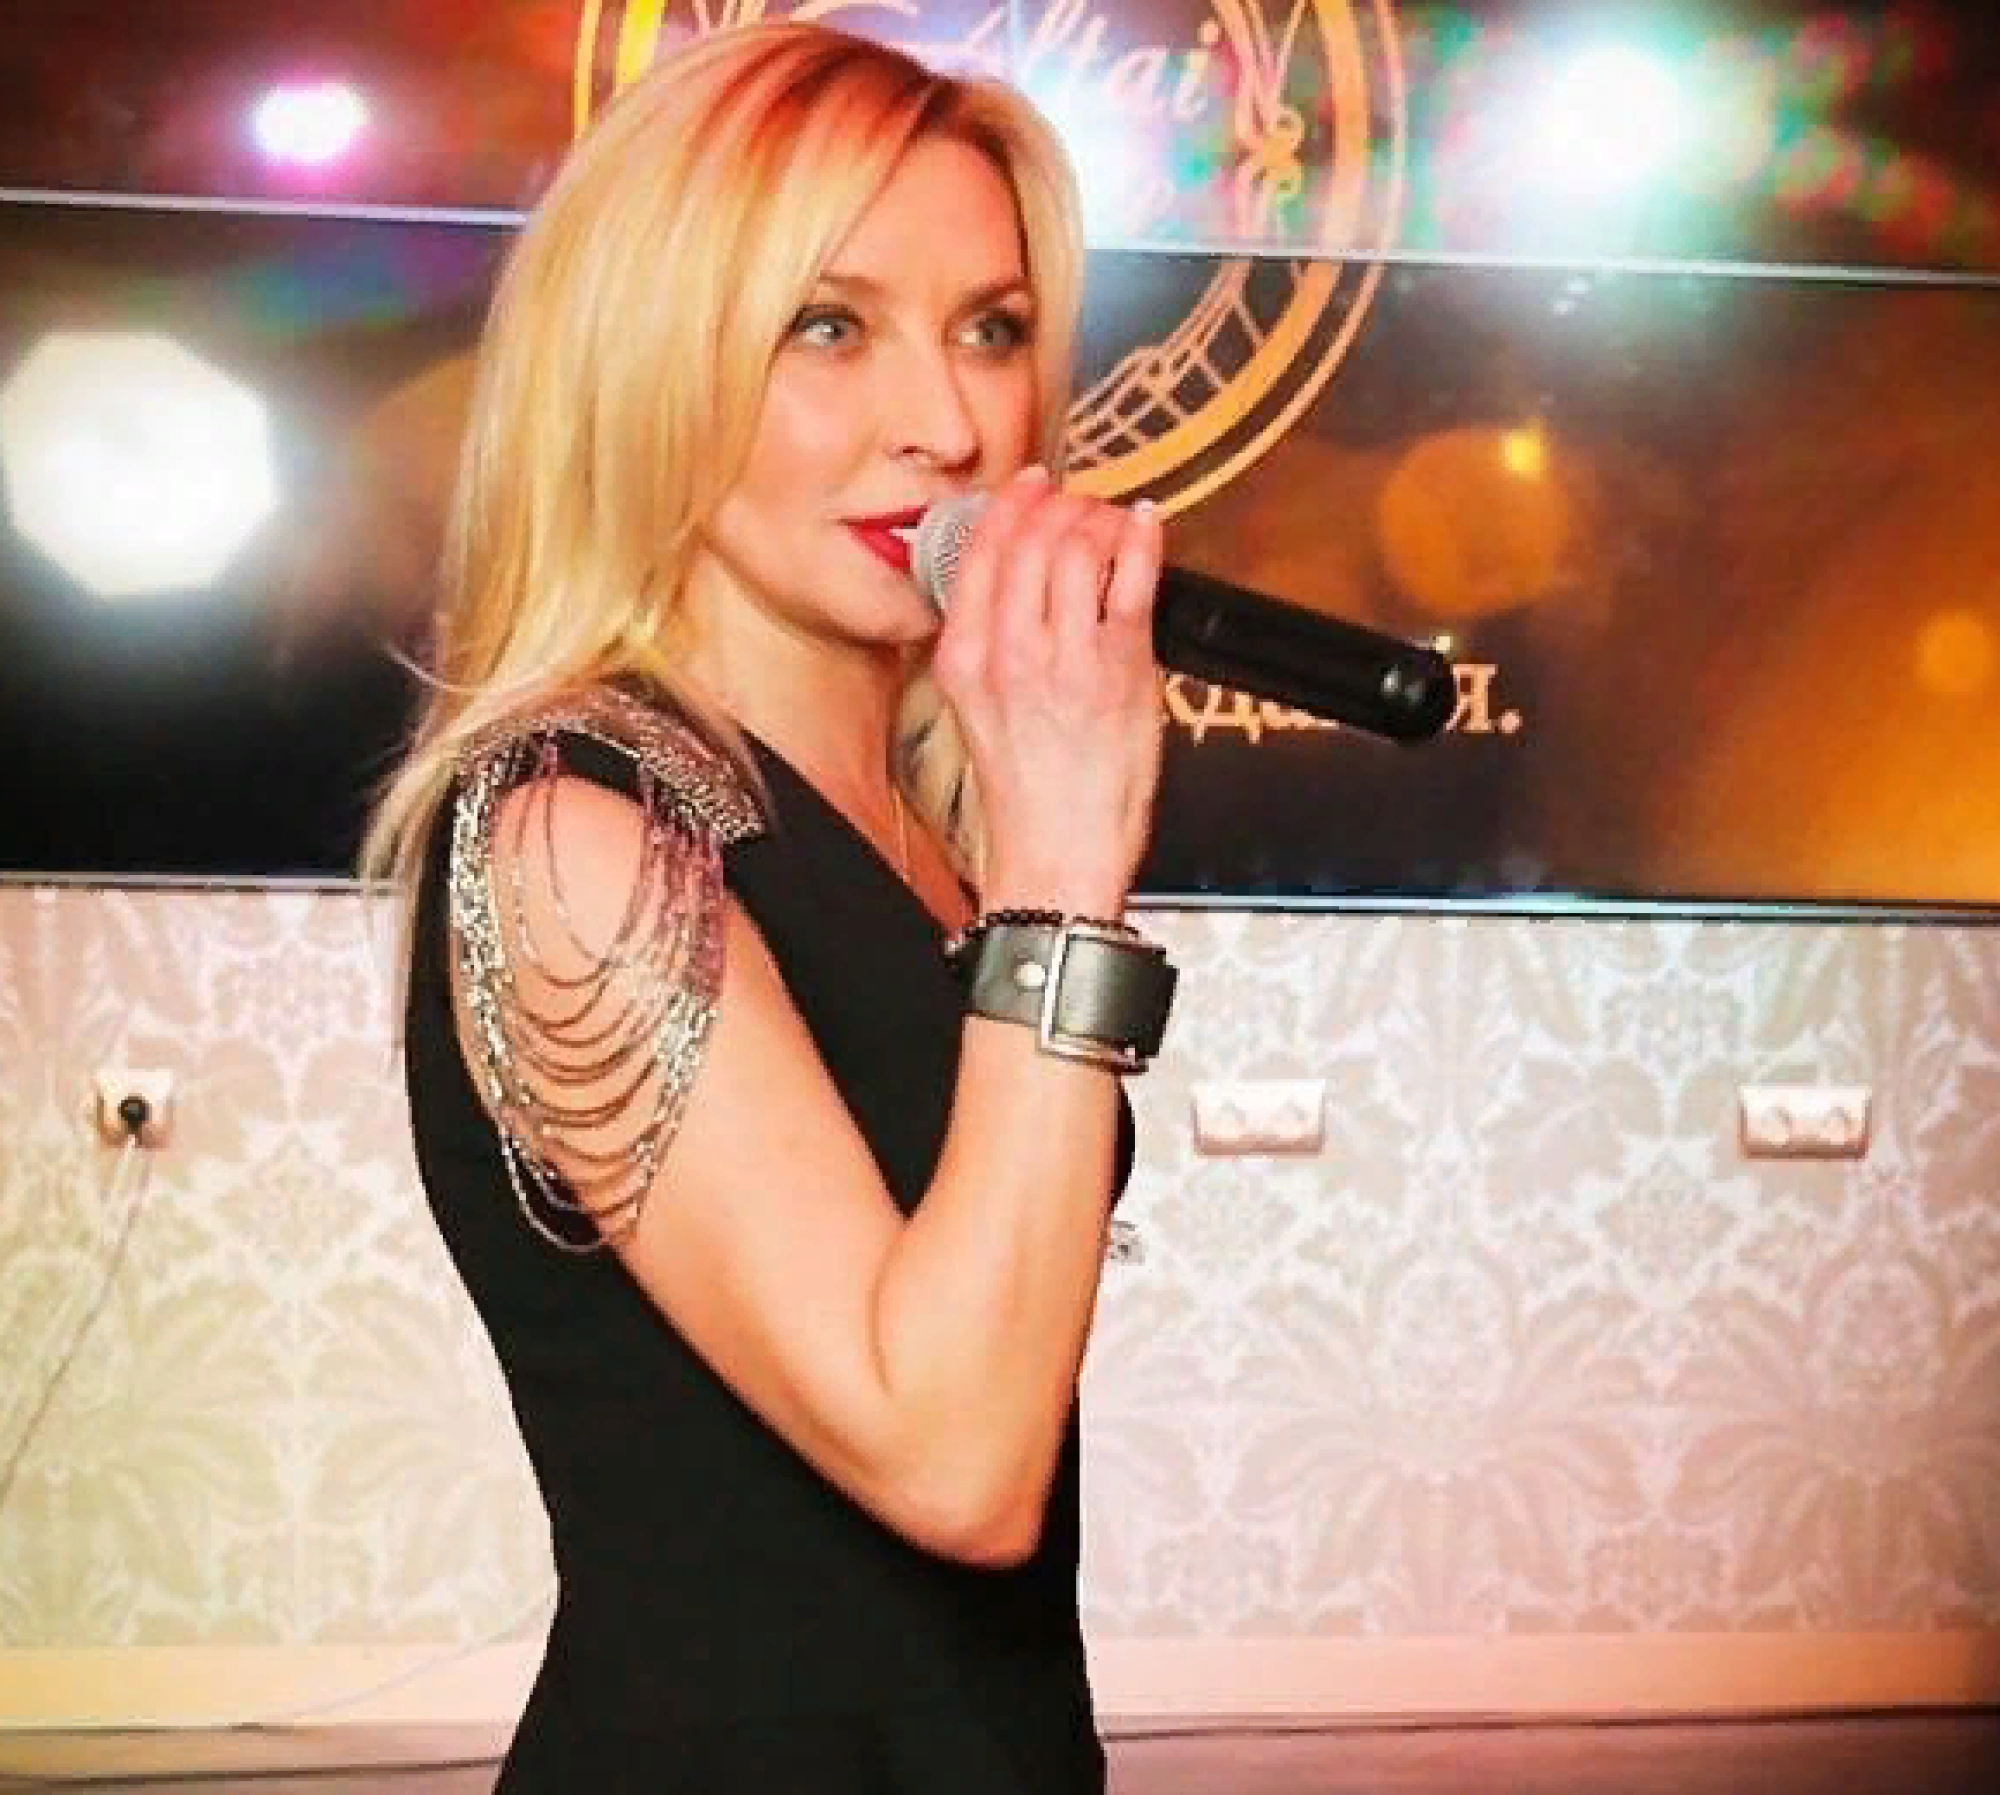 «Овсиенко превращается в бабку»: подписчиков шокировал внешний вид певицы